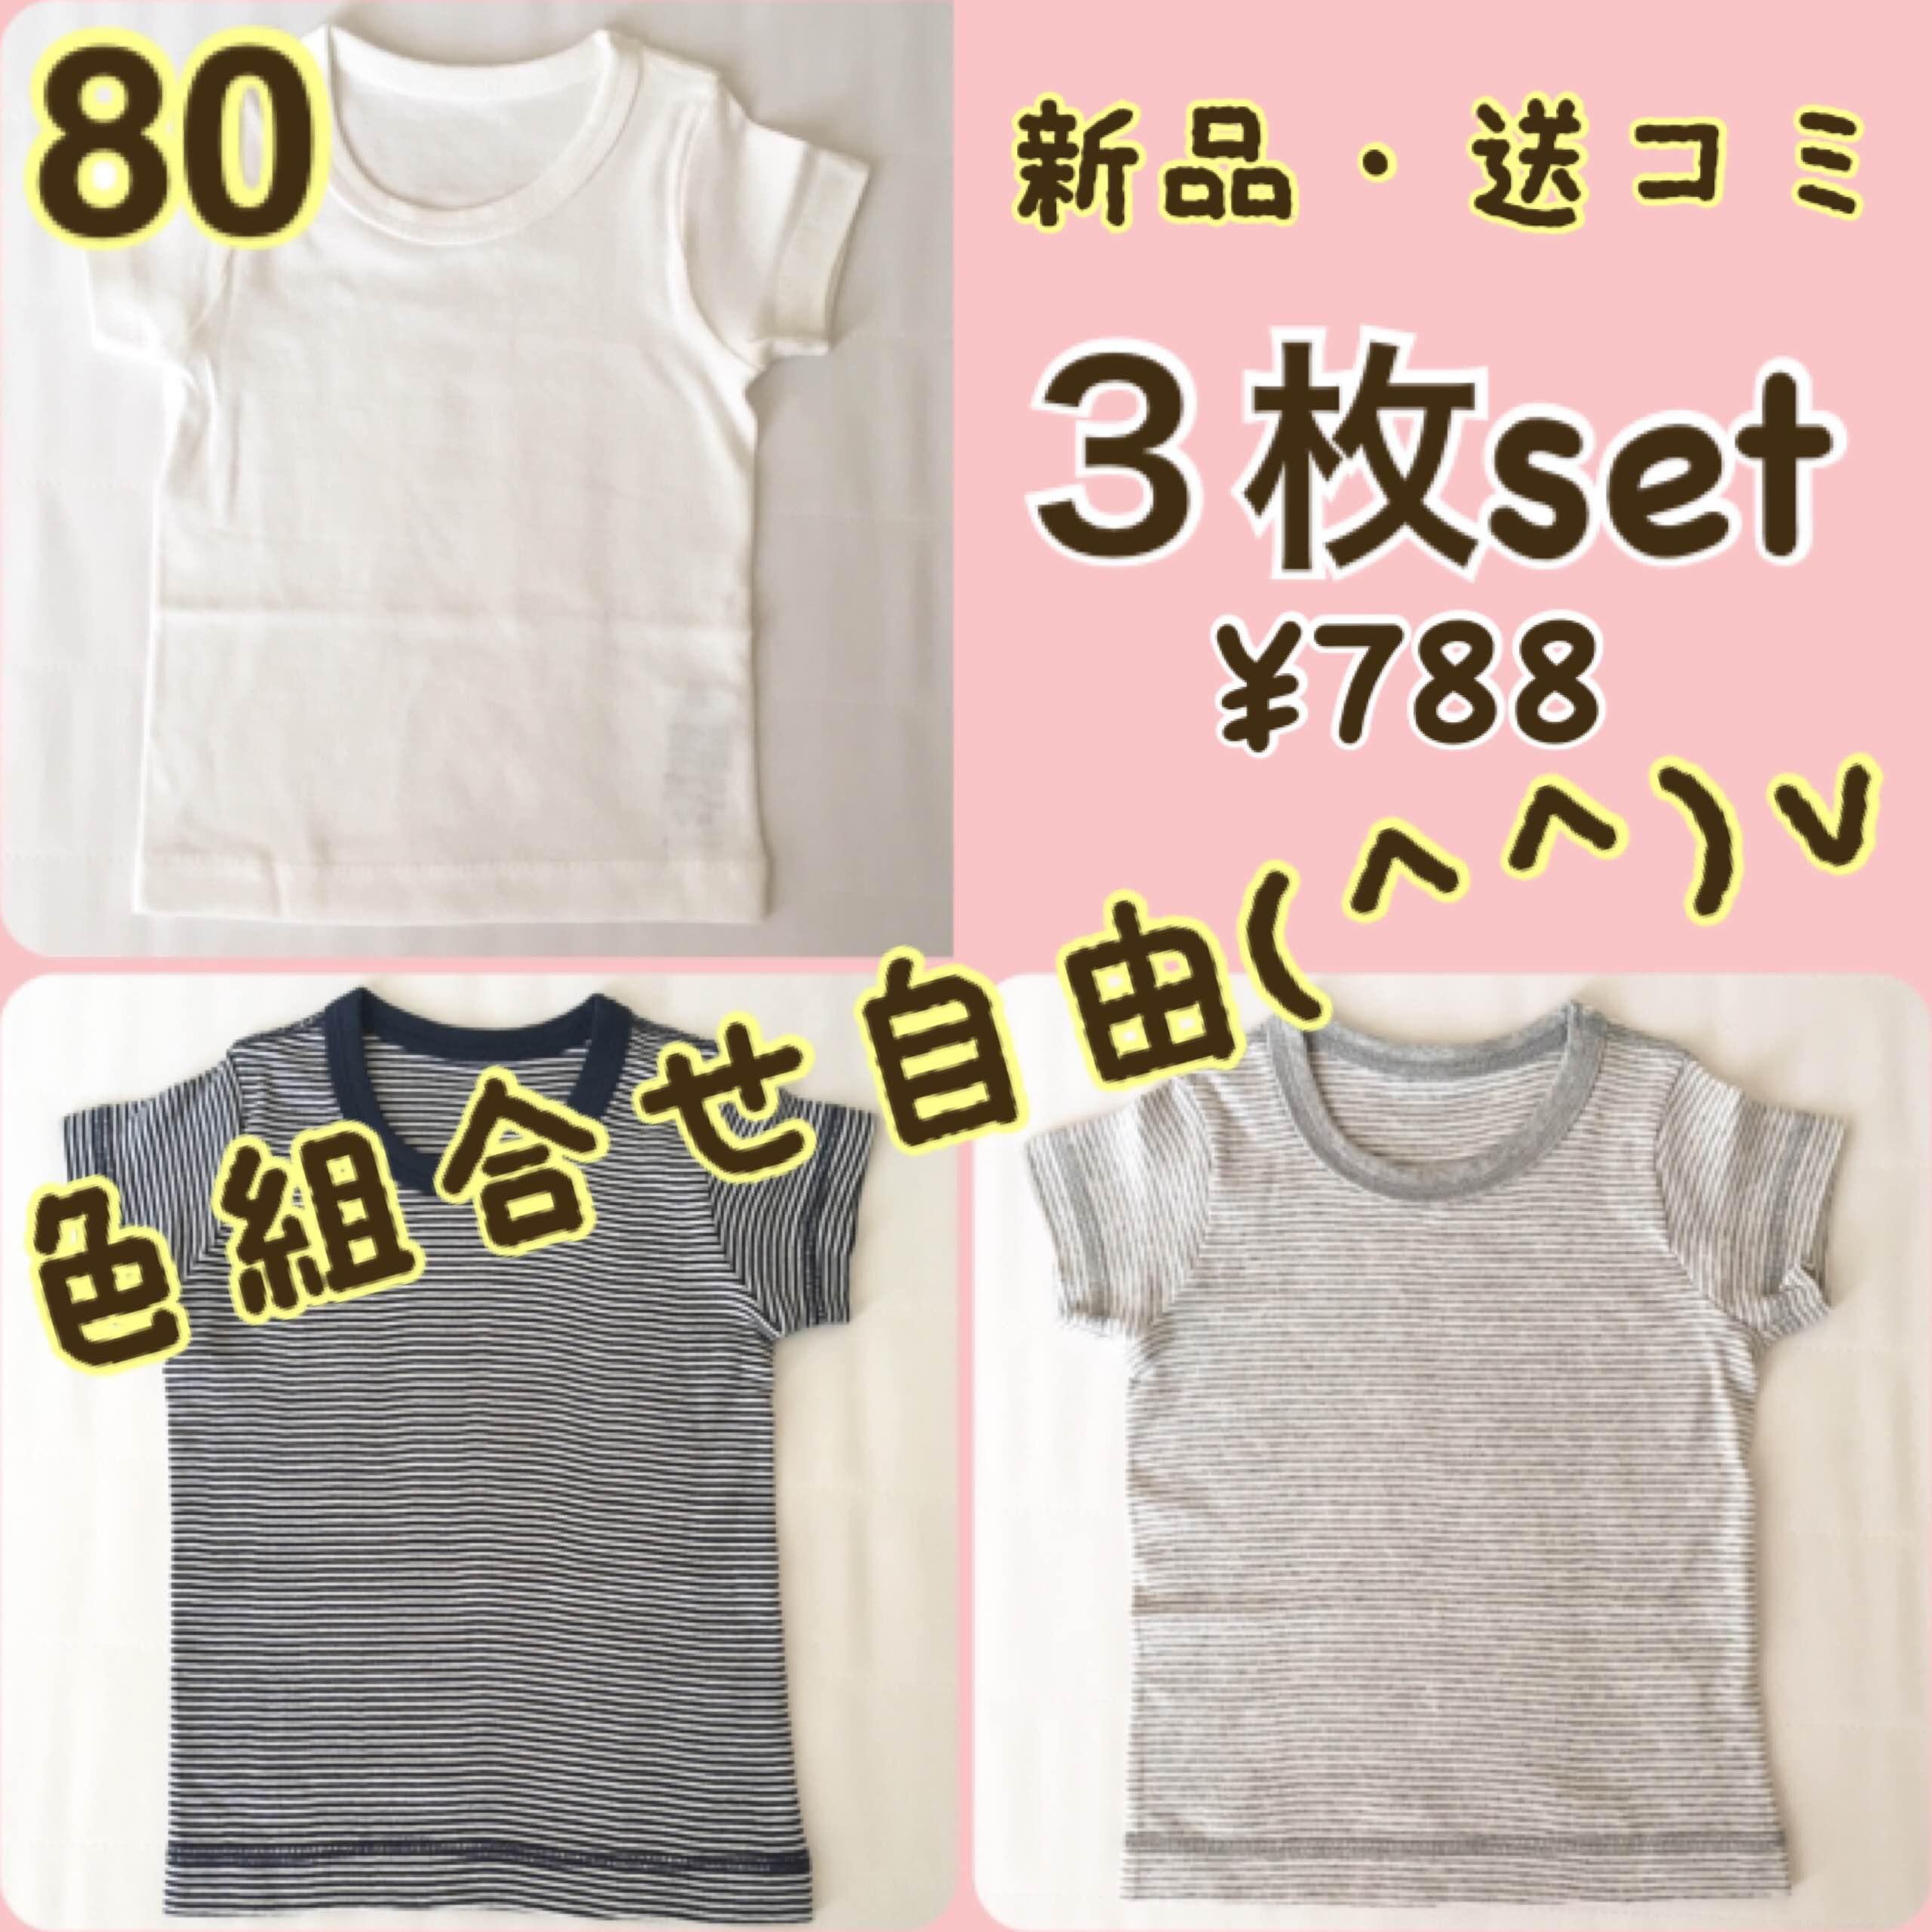 新品☆3枚set【80】半袖ベビー肌着☆Tシャツインナーベルメゾン